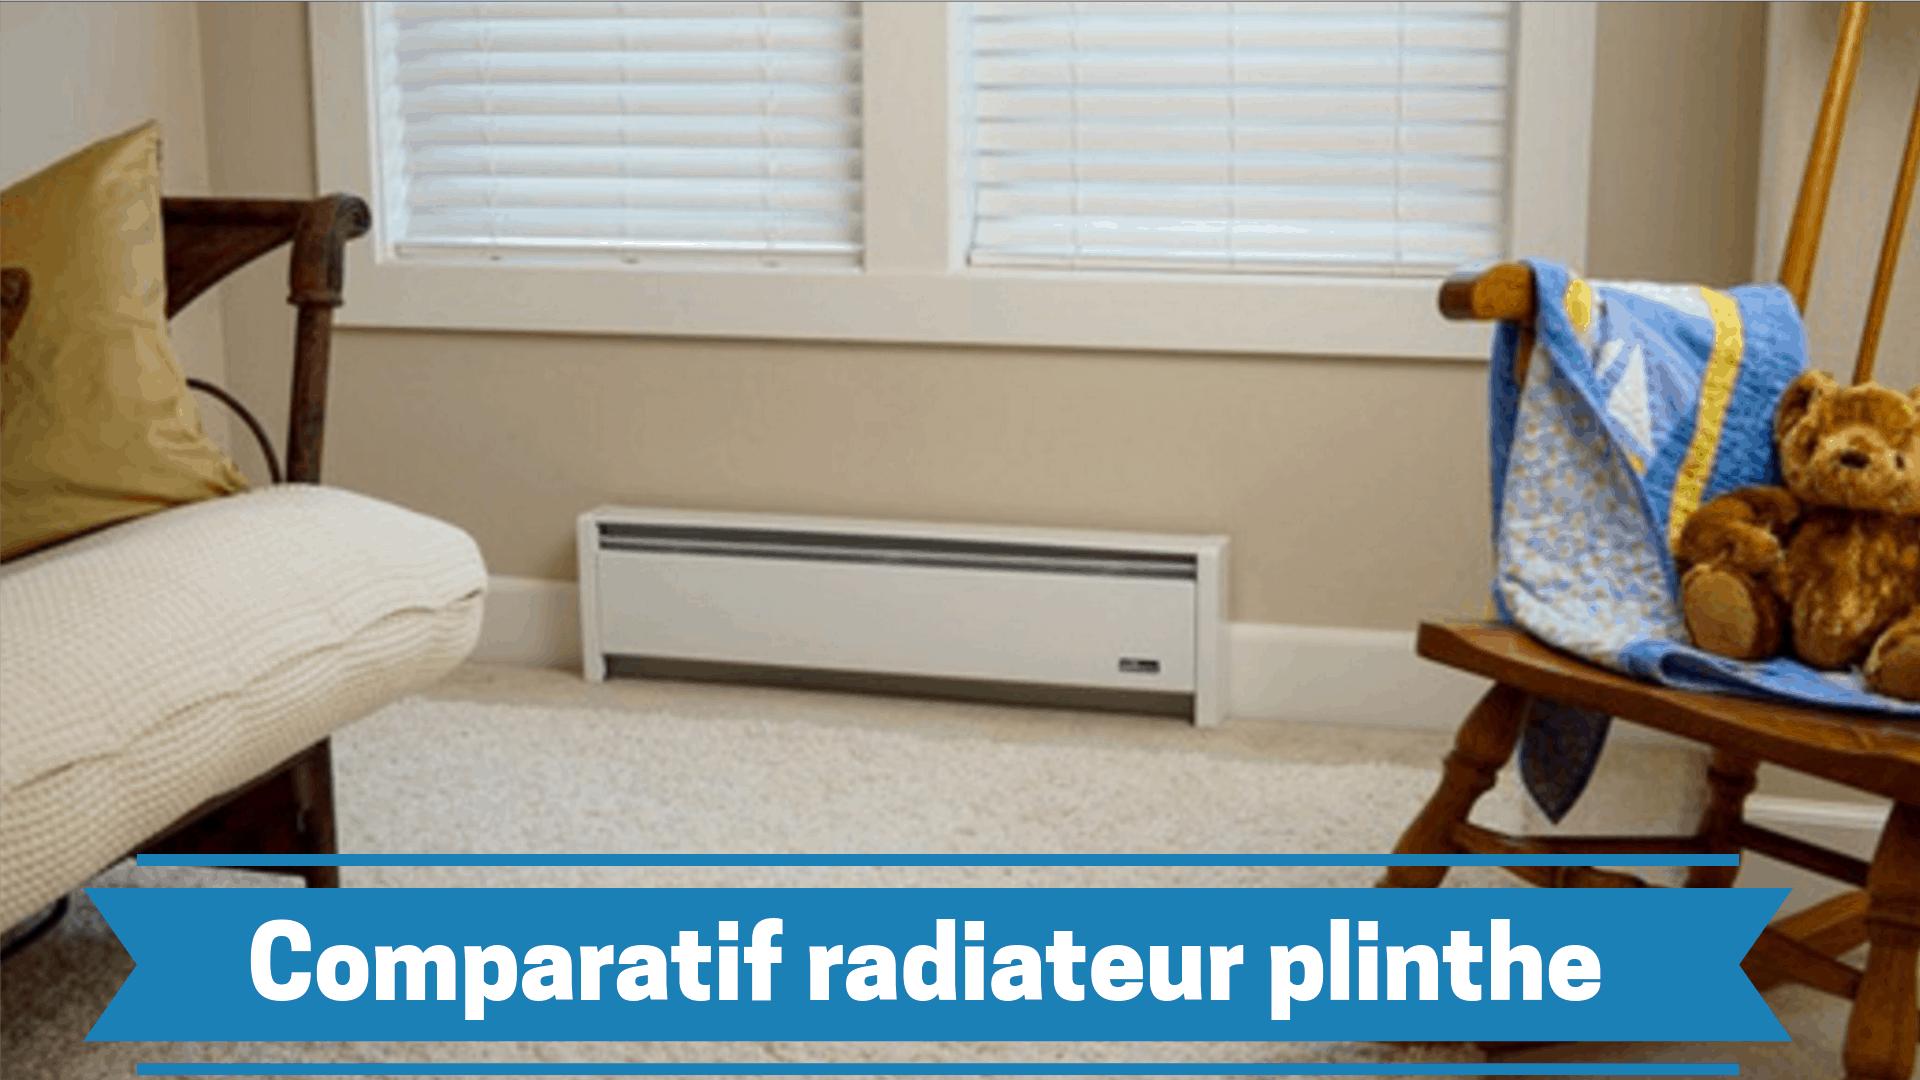 Guide d'achat, comparatif & devis pour installer le meilleur radiateur plinthe pour chez vous